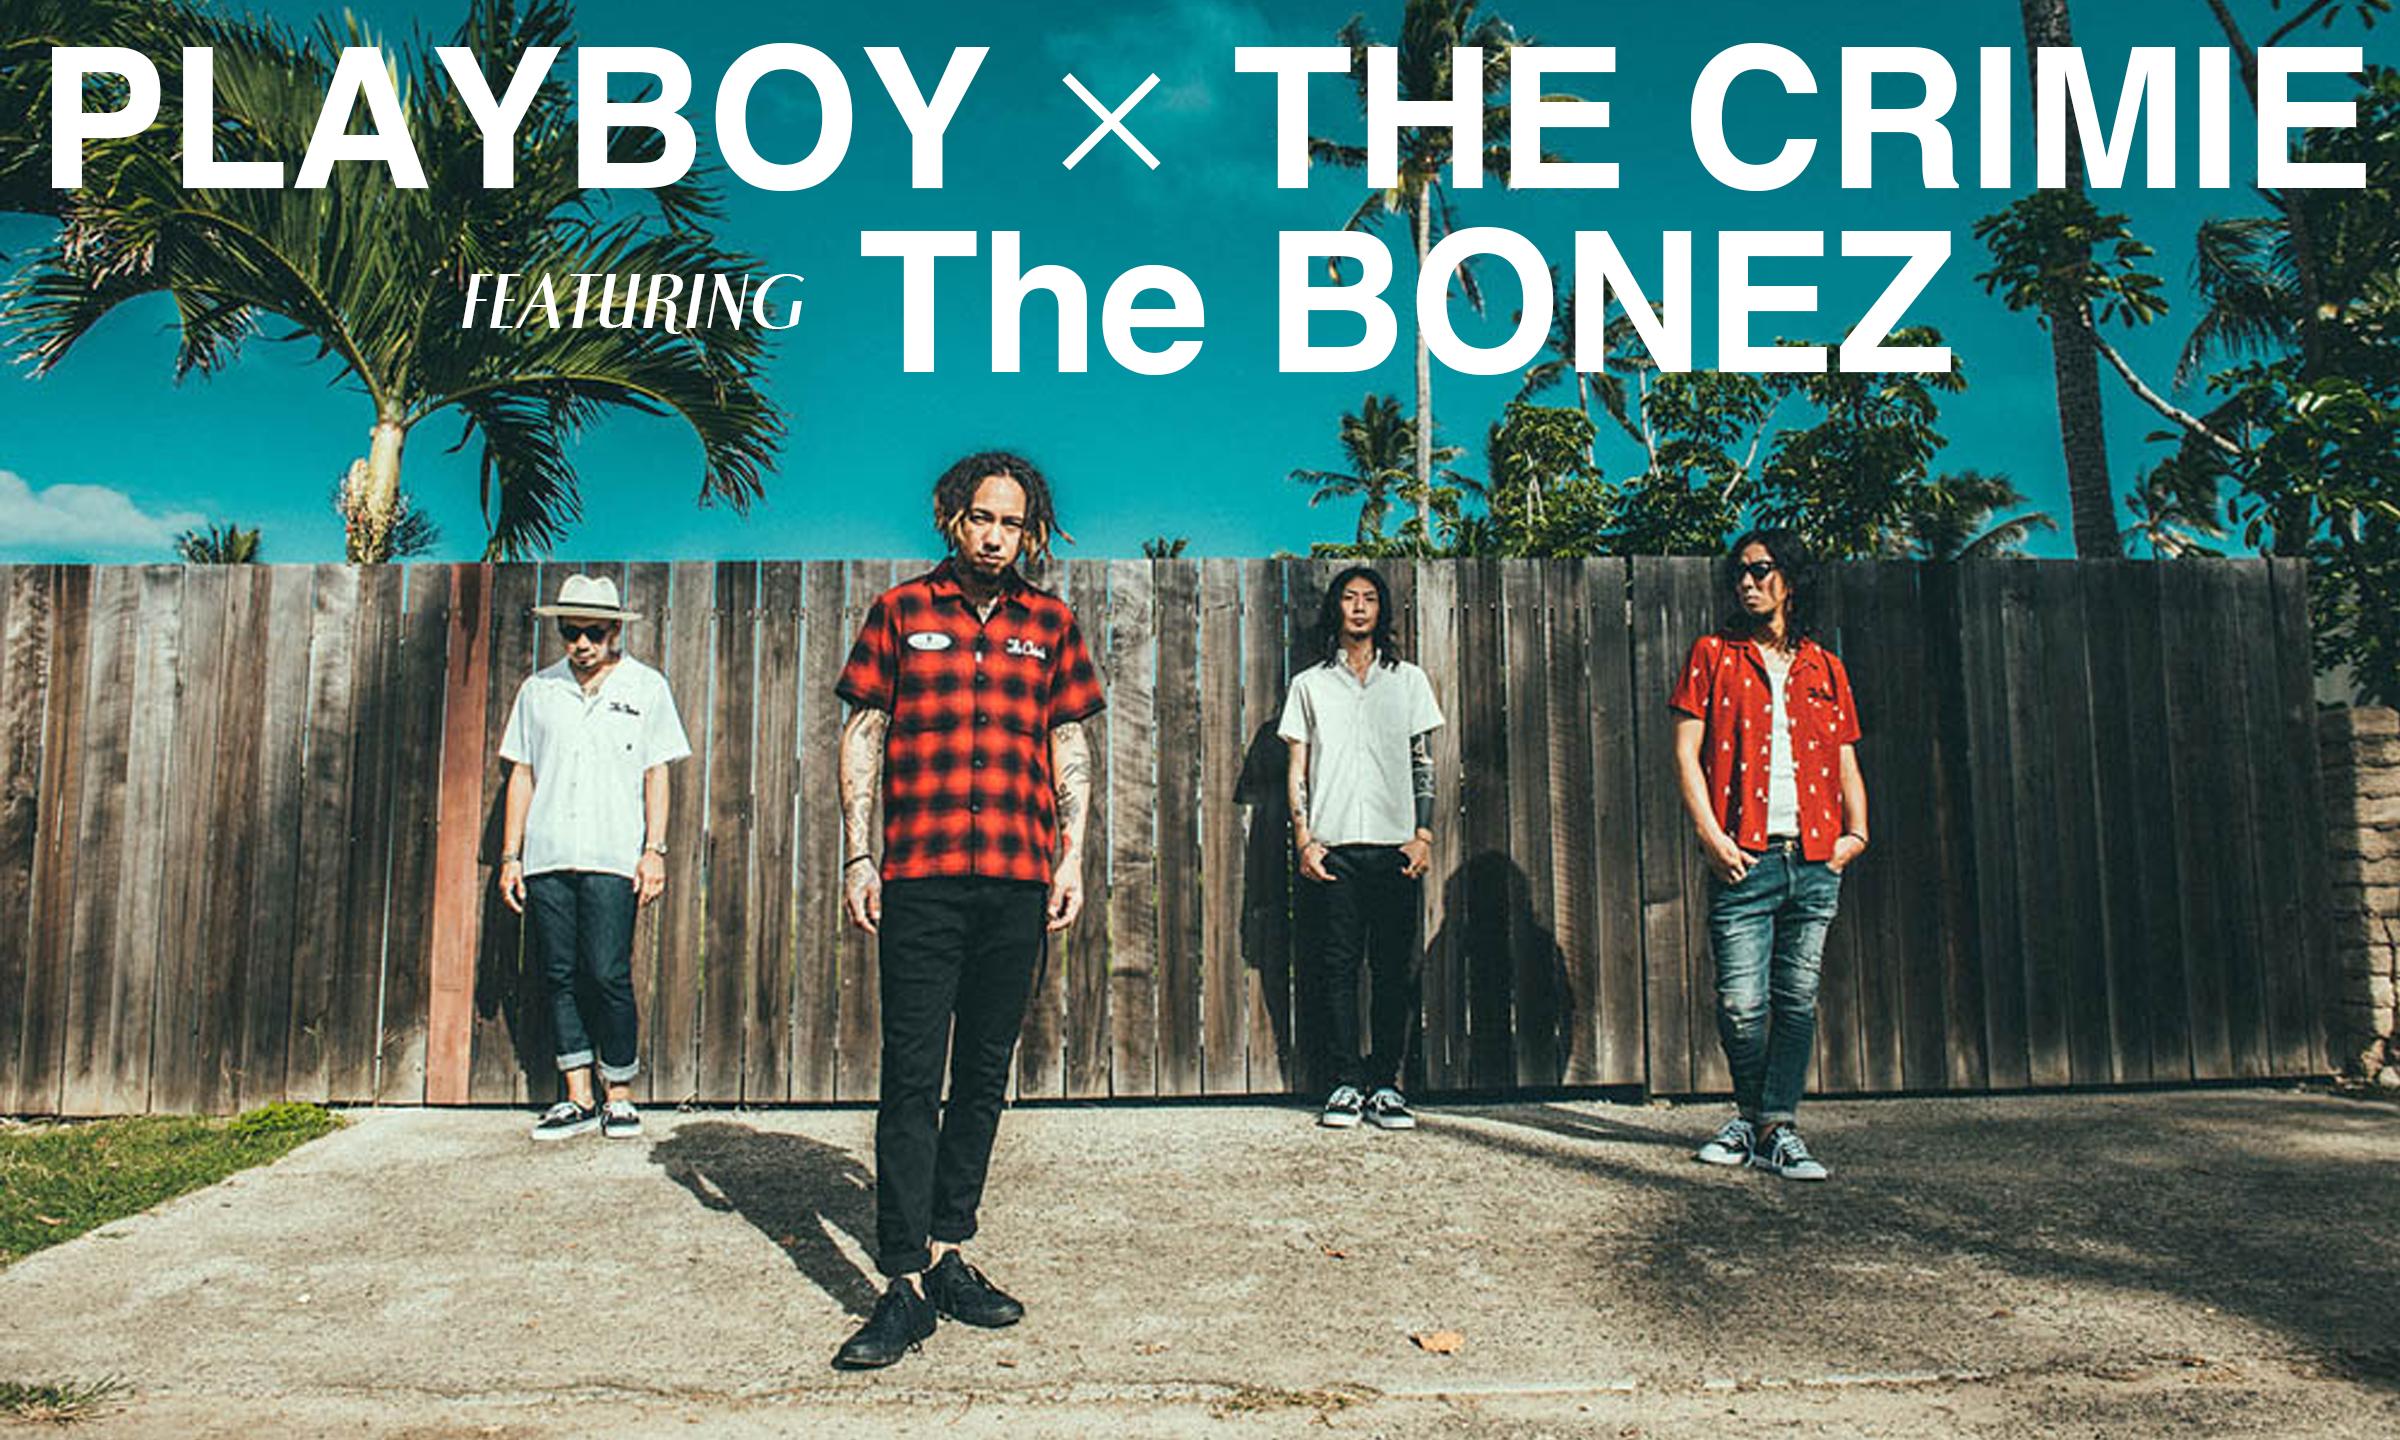 ロックバンド「The BONEZ」をモデルに起用! -PLAYBOY × THE CRIMIE SPECIAL COLLABORATION